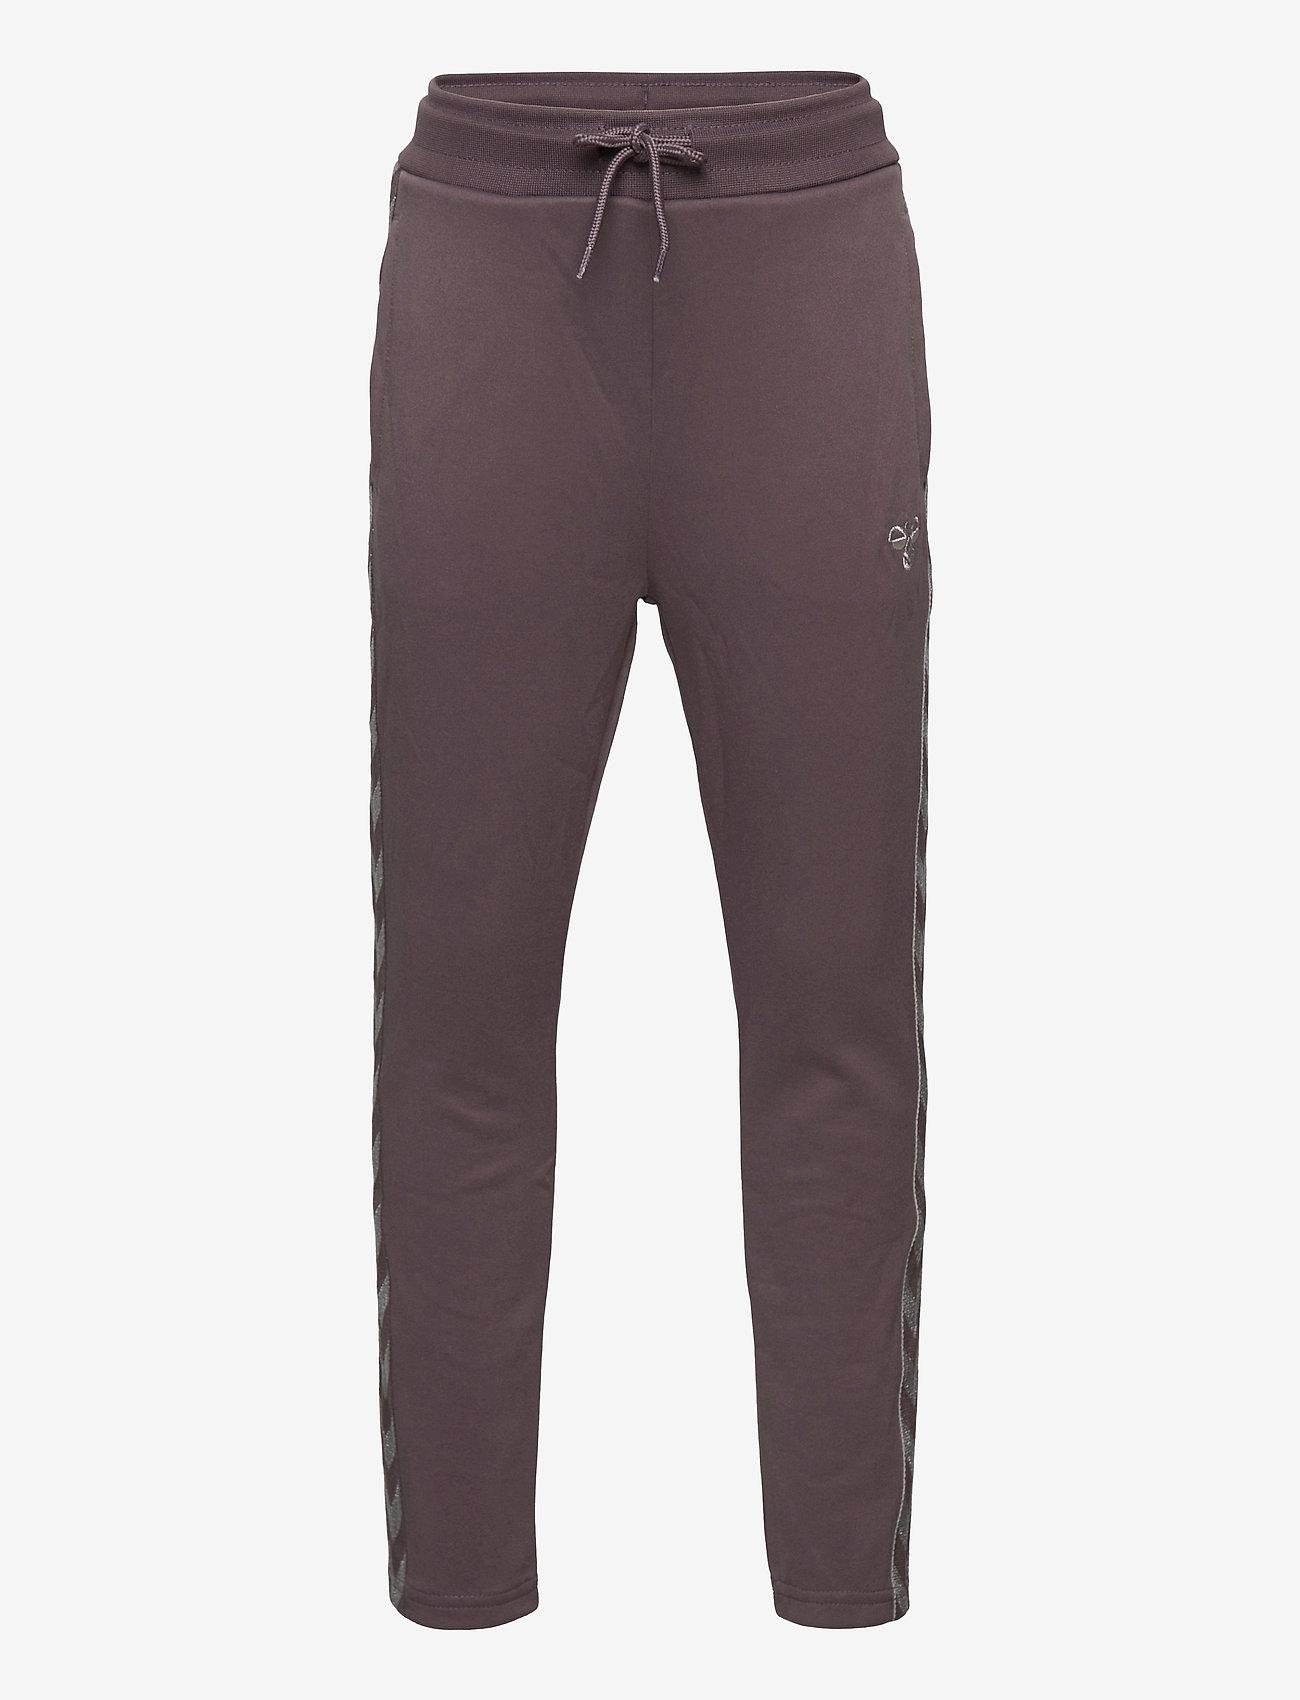 Hummel - HMLKICK PANTS - sweatpants - sparrow - 0